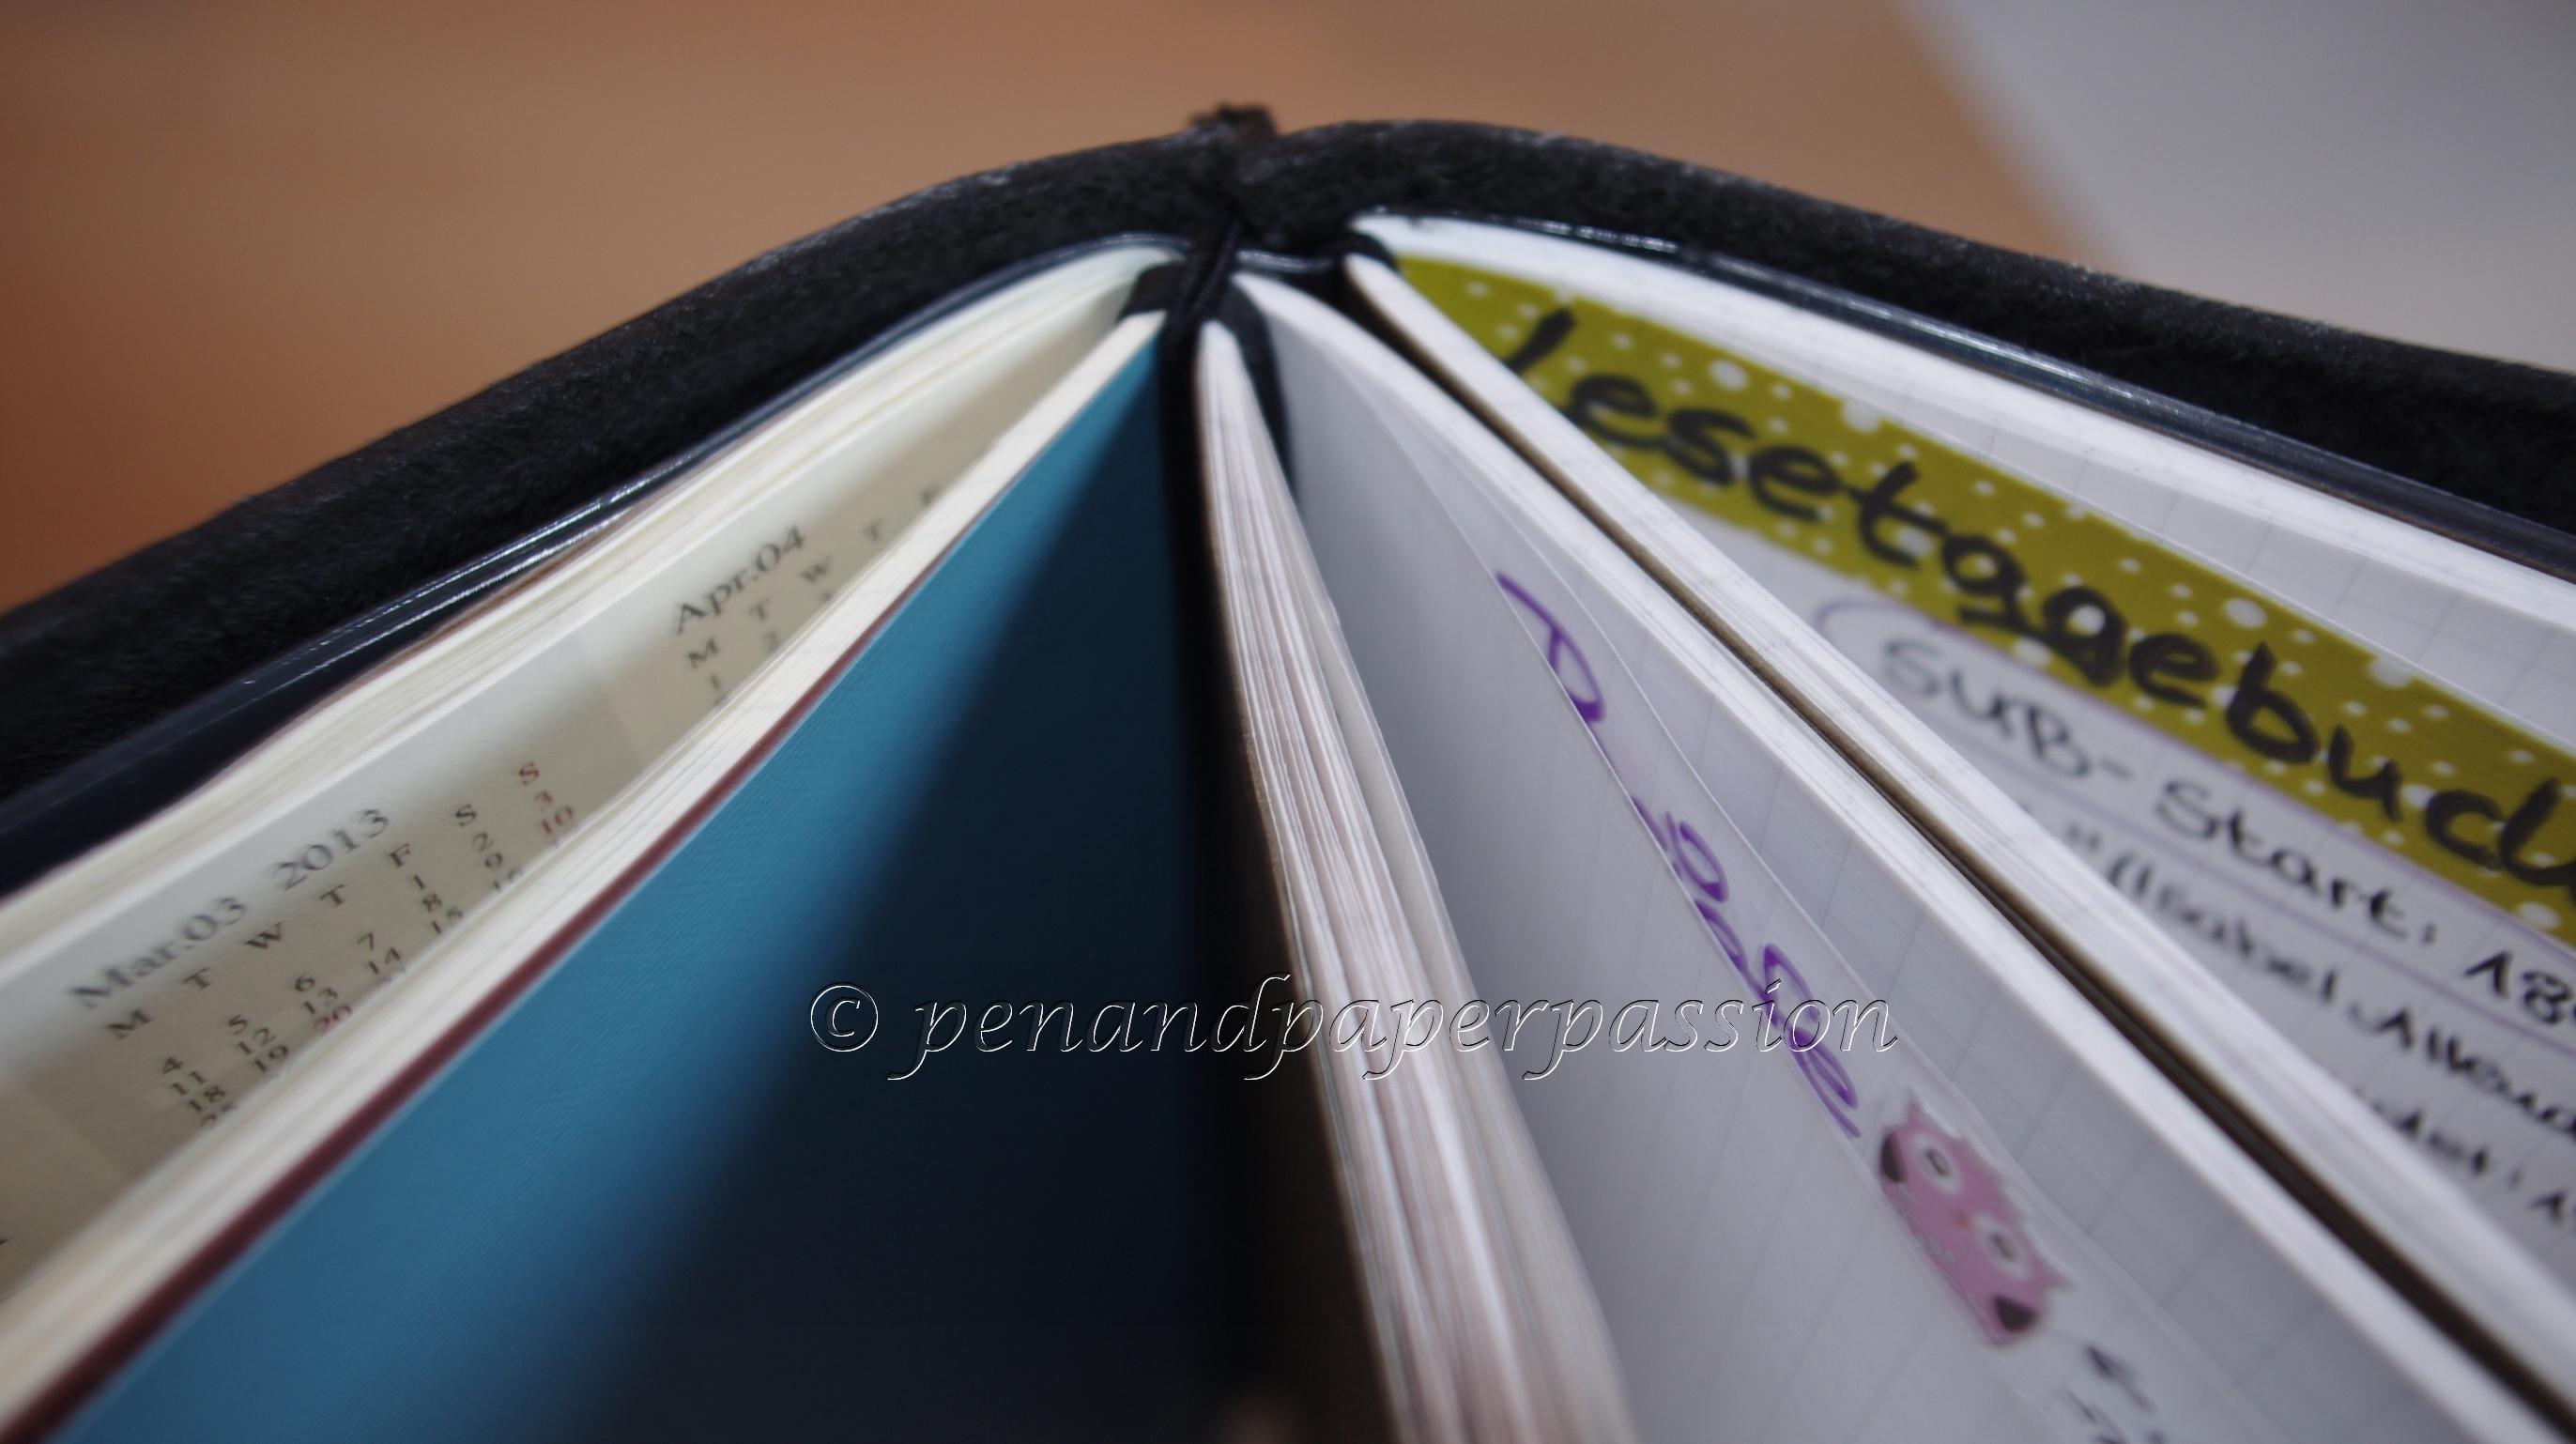 Midori Travelers Notebook 12